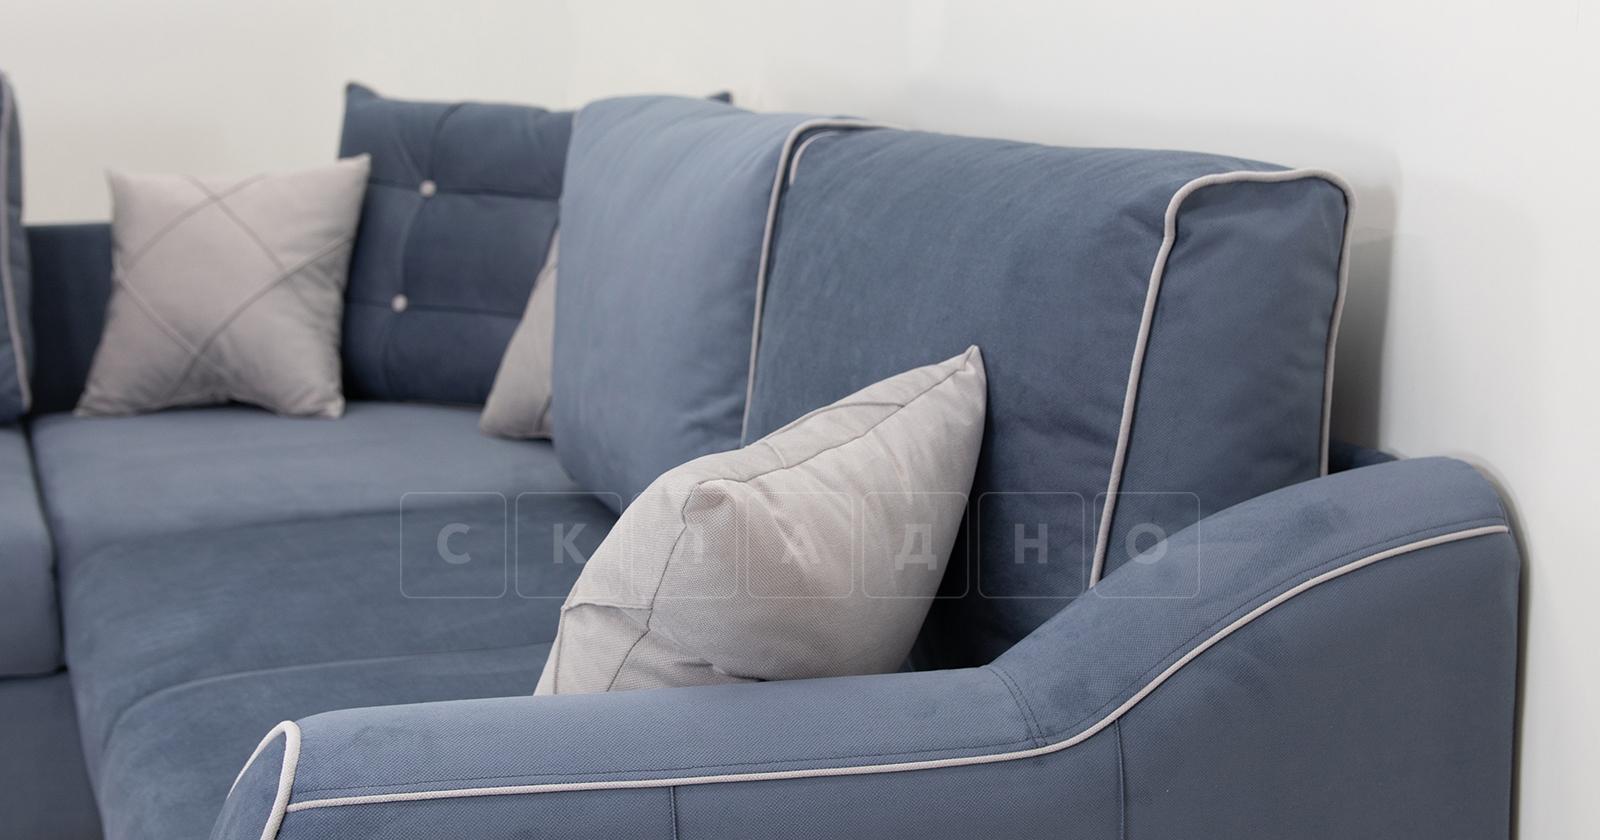 Диван-кровать угловой Флэтфорд серо-синий фото 10 | интернет-магазин Складно